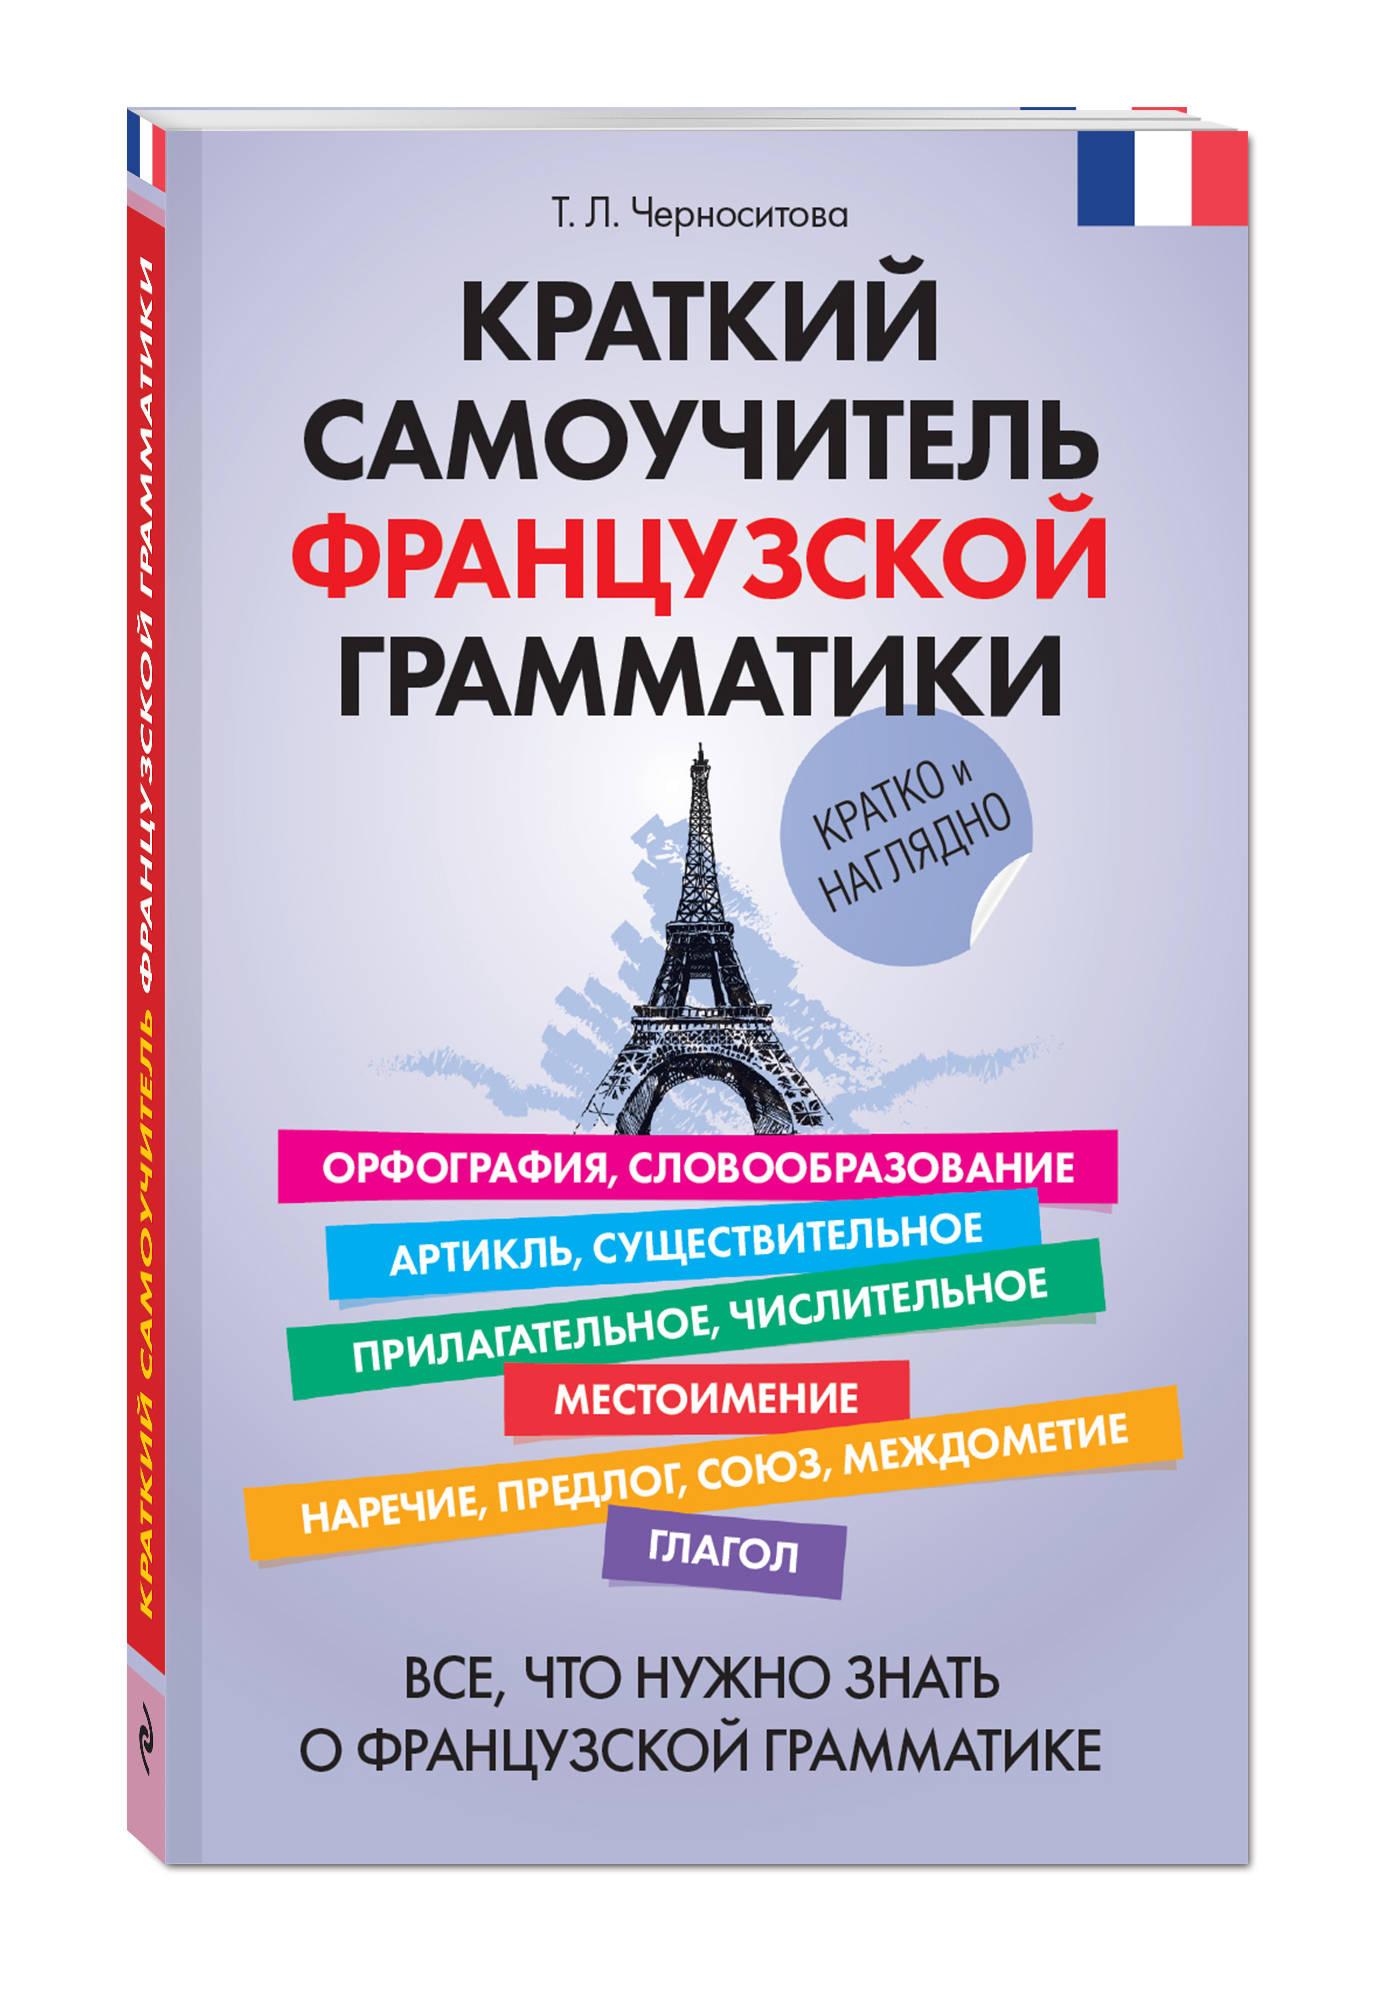 Краткий самоучитель французской грамматики ( Черноситова Т.Л.  )